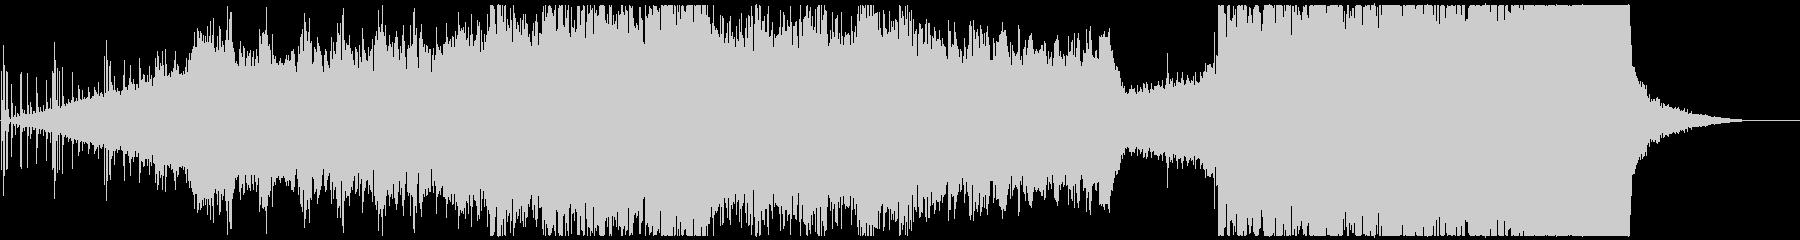 ピアノやクワイヤを使用した感動的な曲の未再生の波形